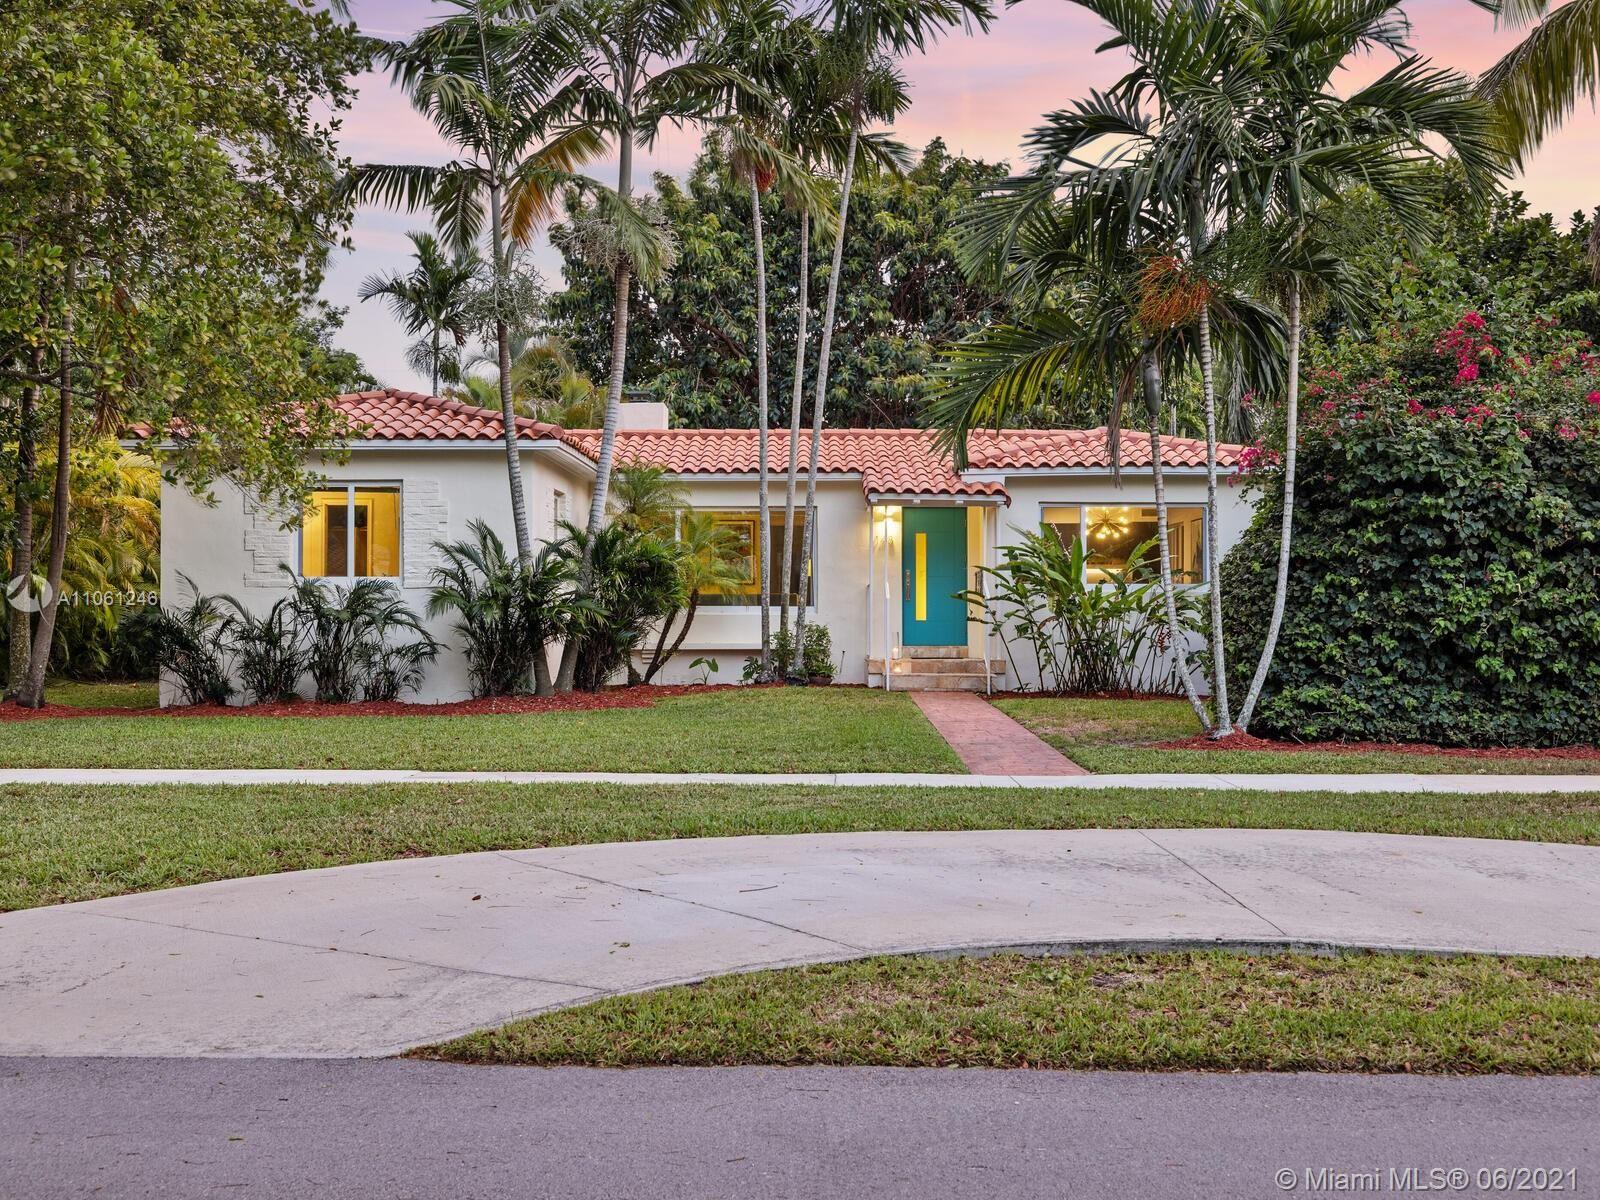 148 NW 97th St, Miami Shores, FL 33150 - #: A11061246